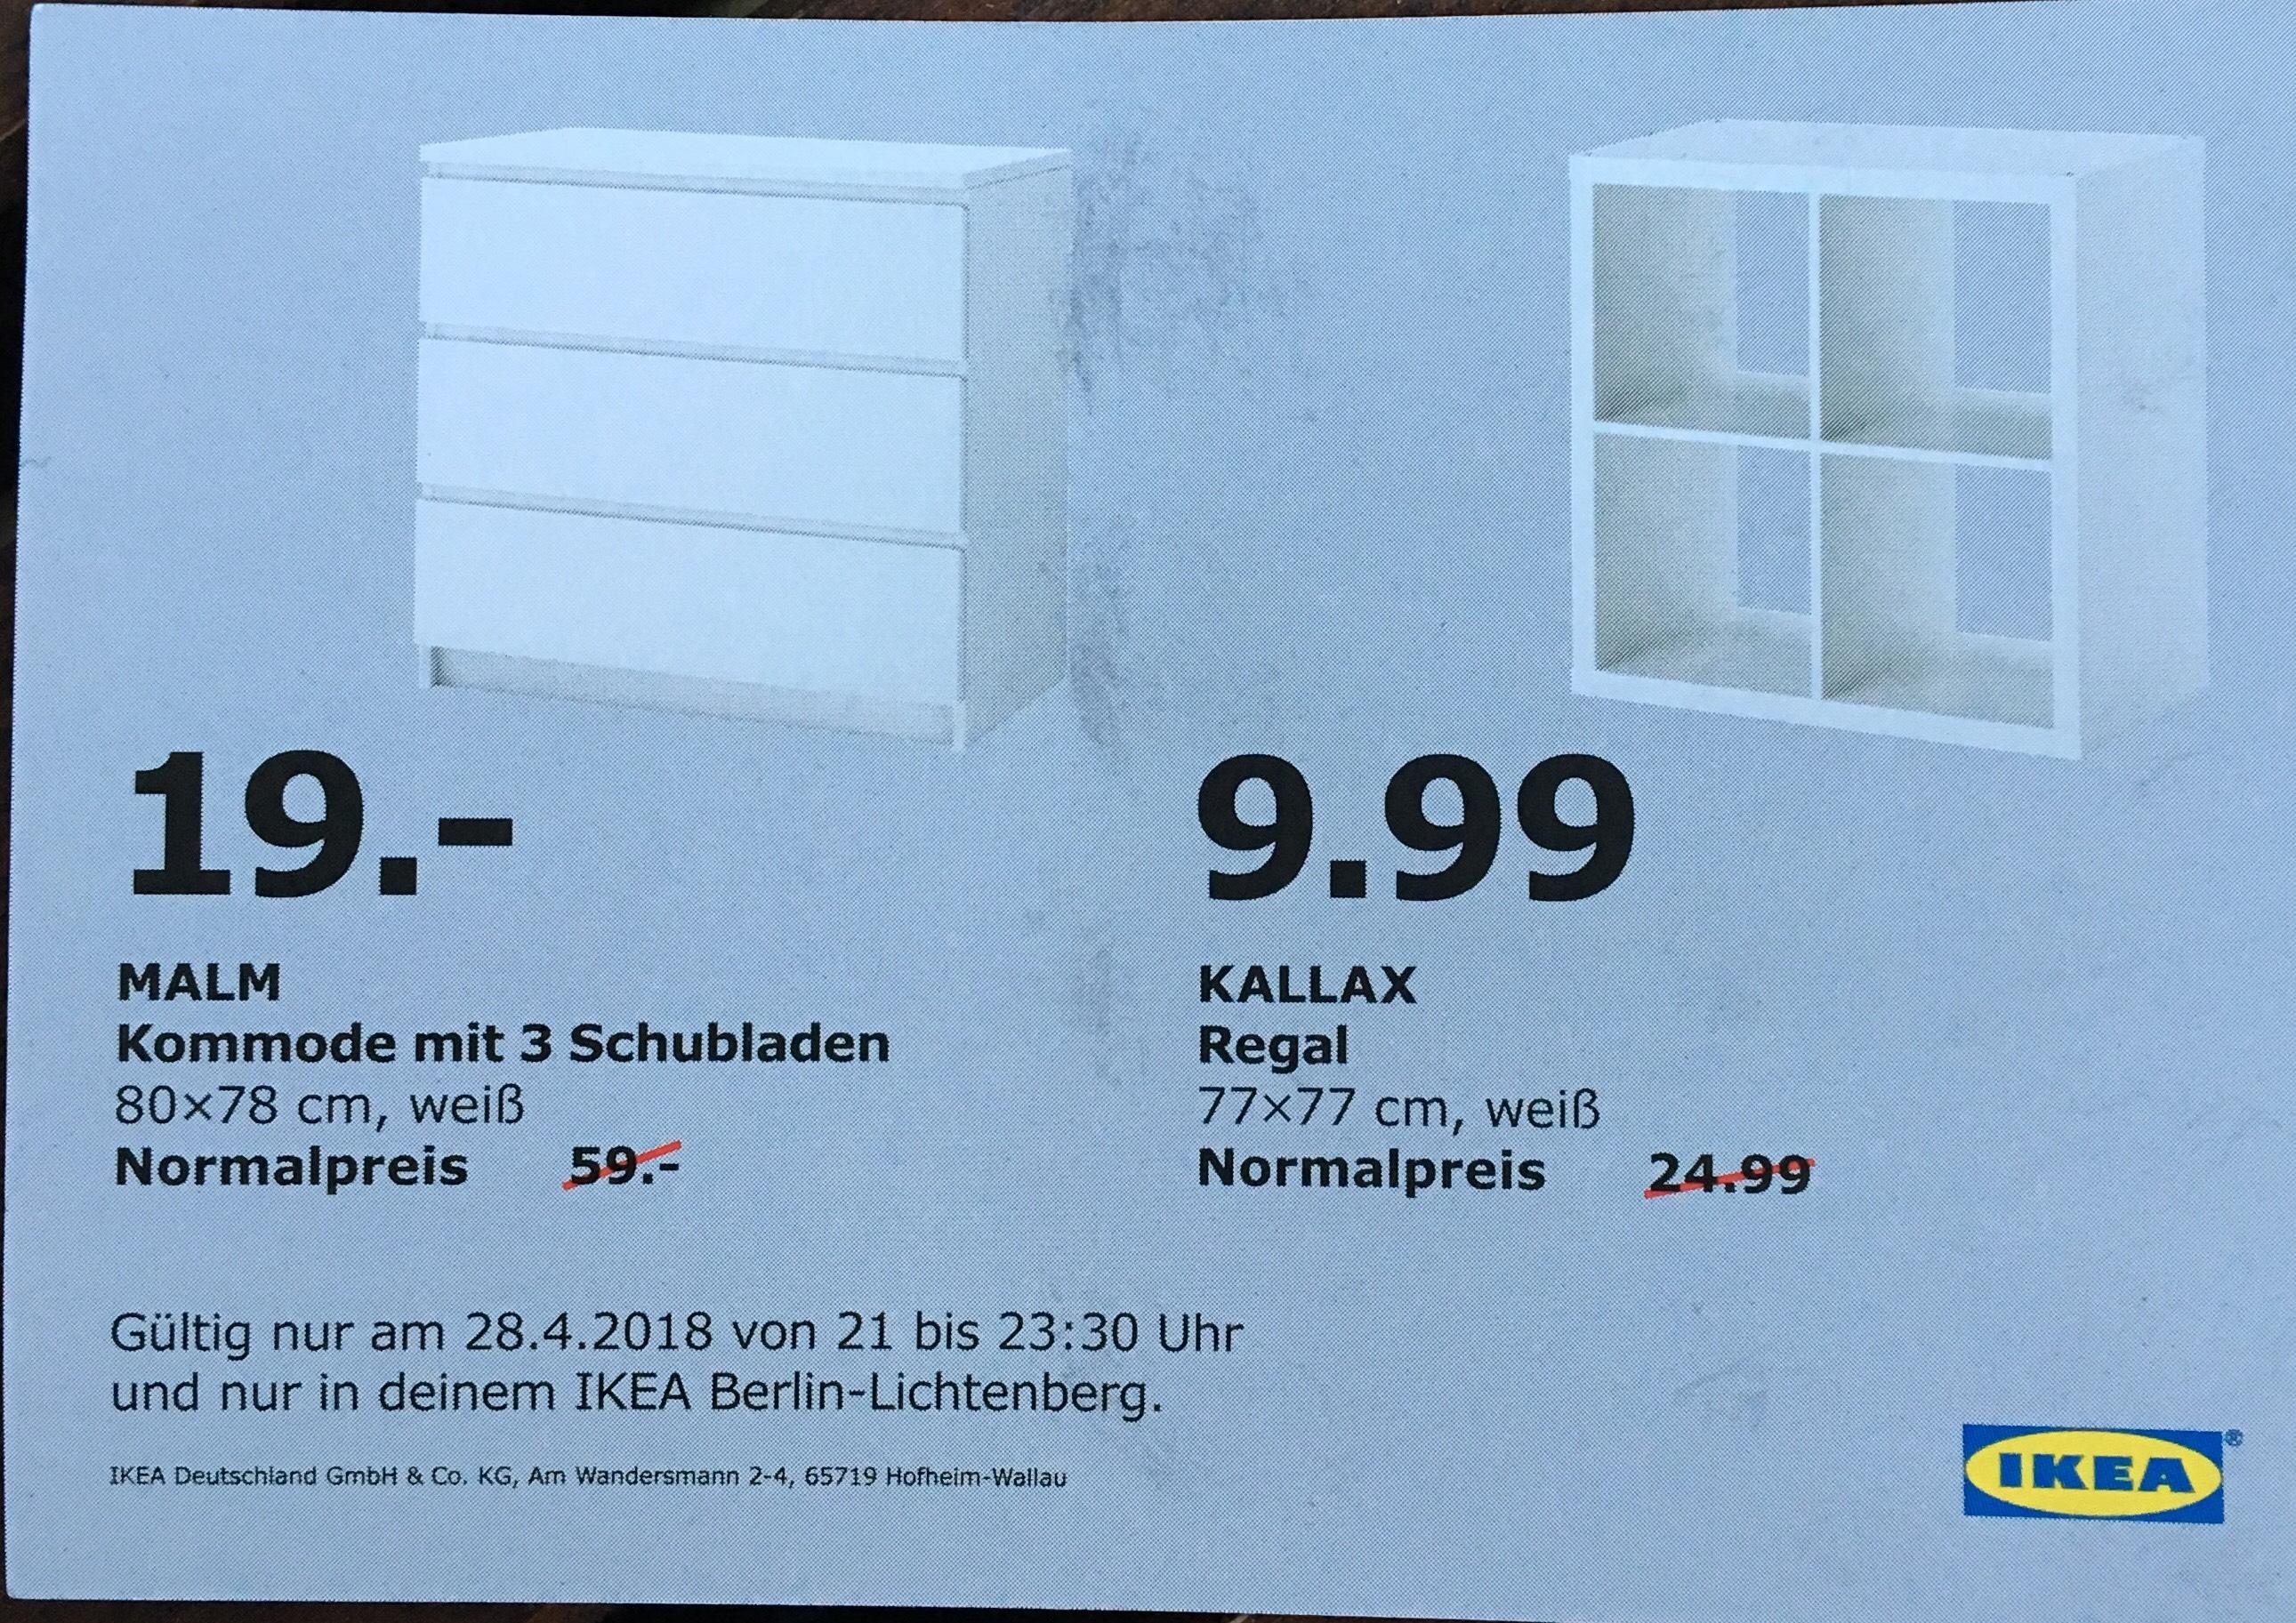 [Lokal IKEA Lichtenberg] Malm Kommode 19€ sowie Kallax 9,99€